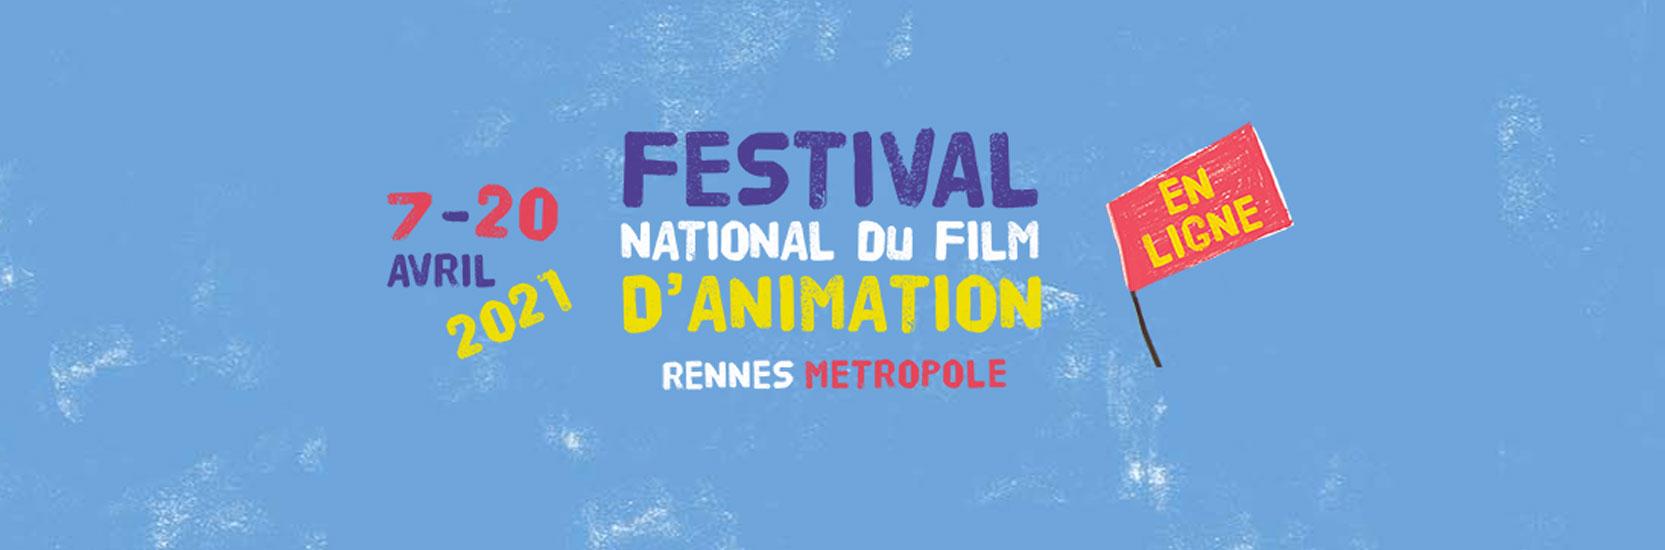 Dès demain, c'est le Festival national du film d'animation en ligne !